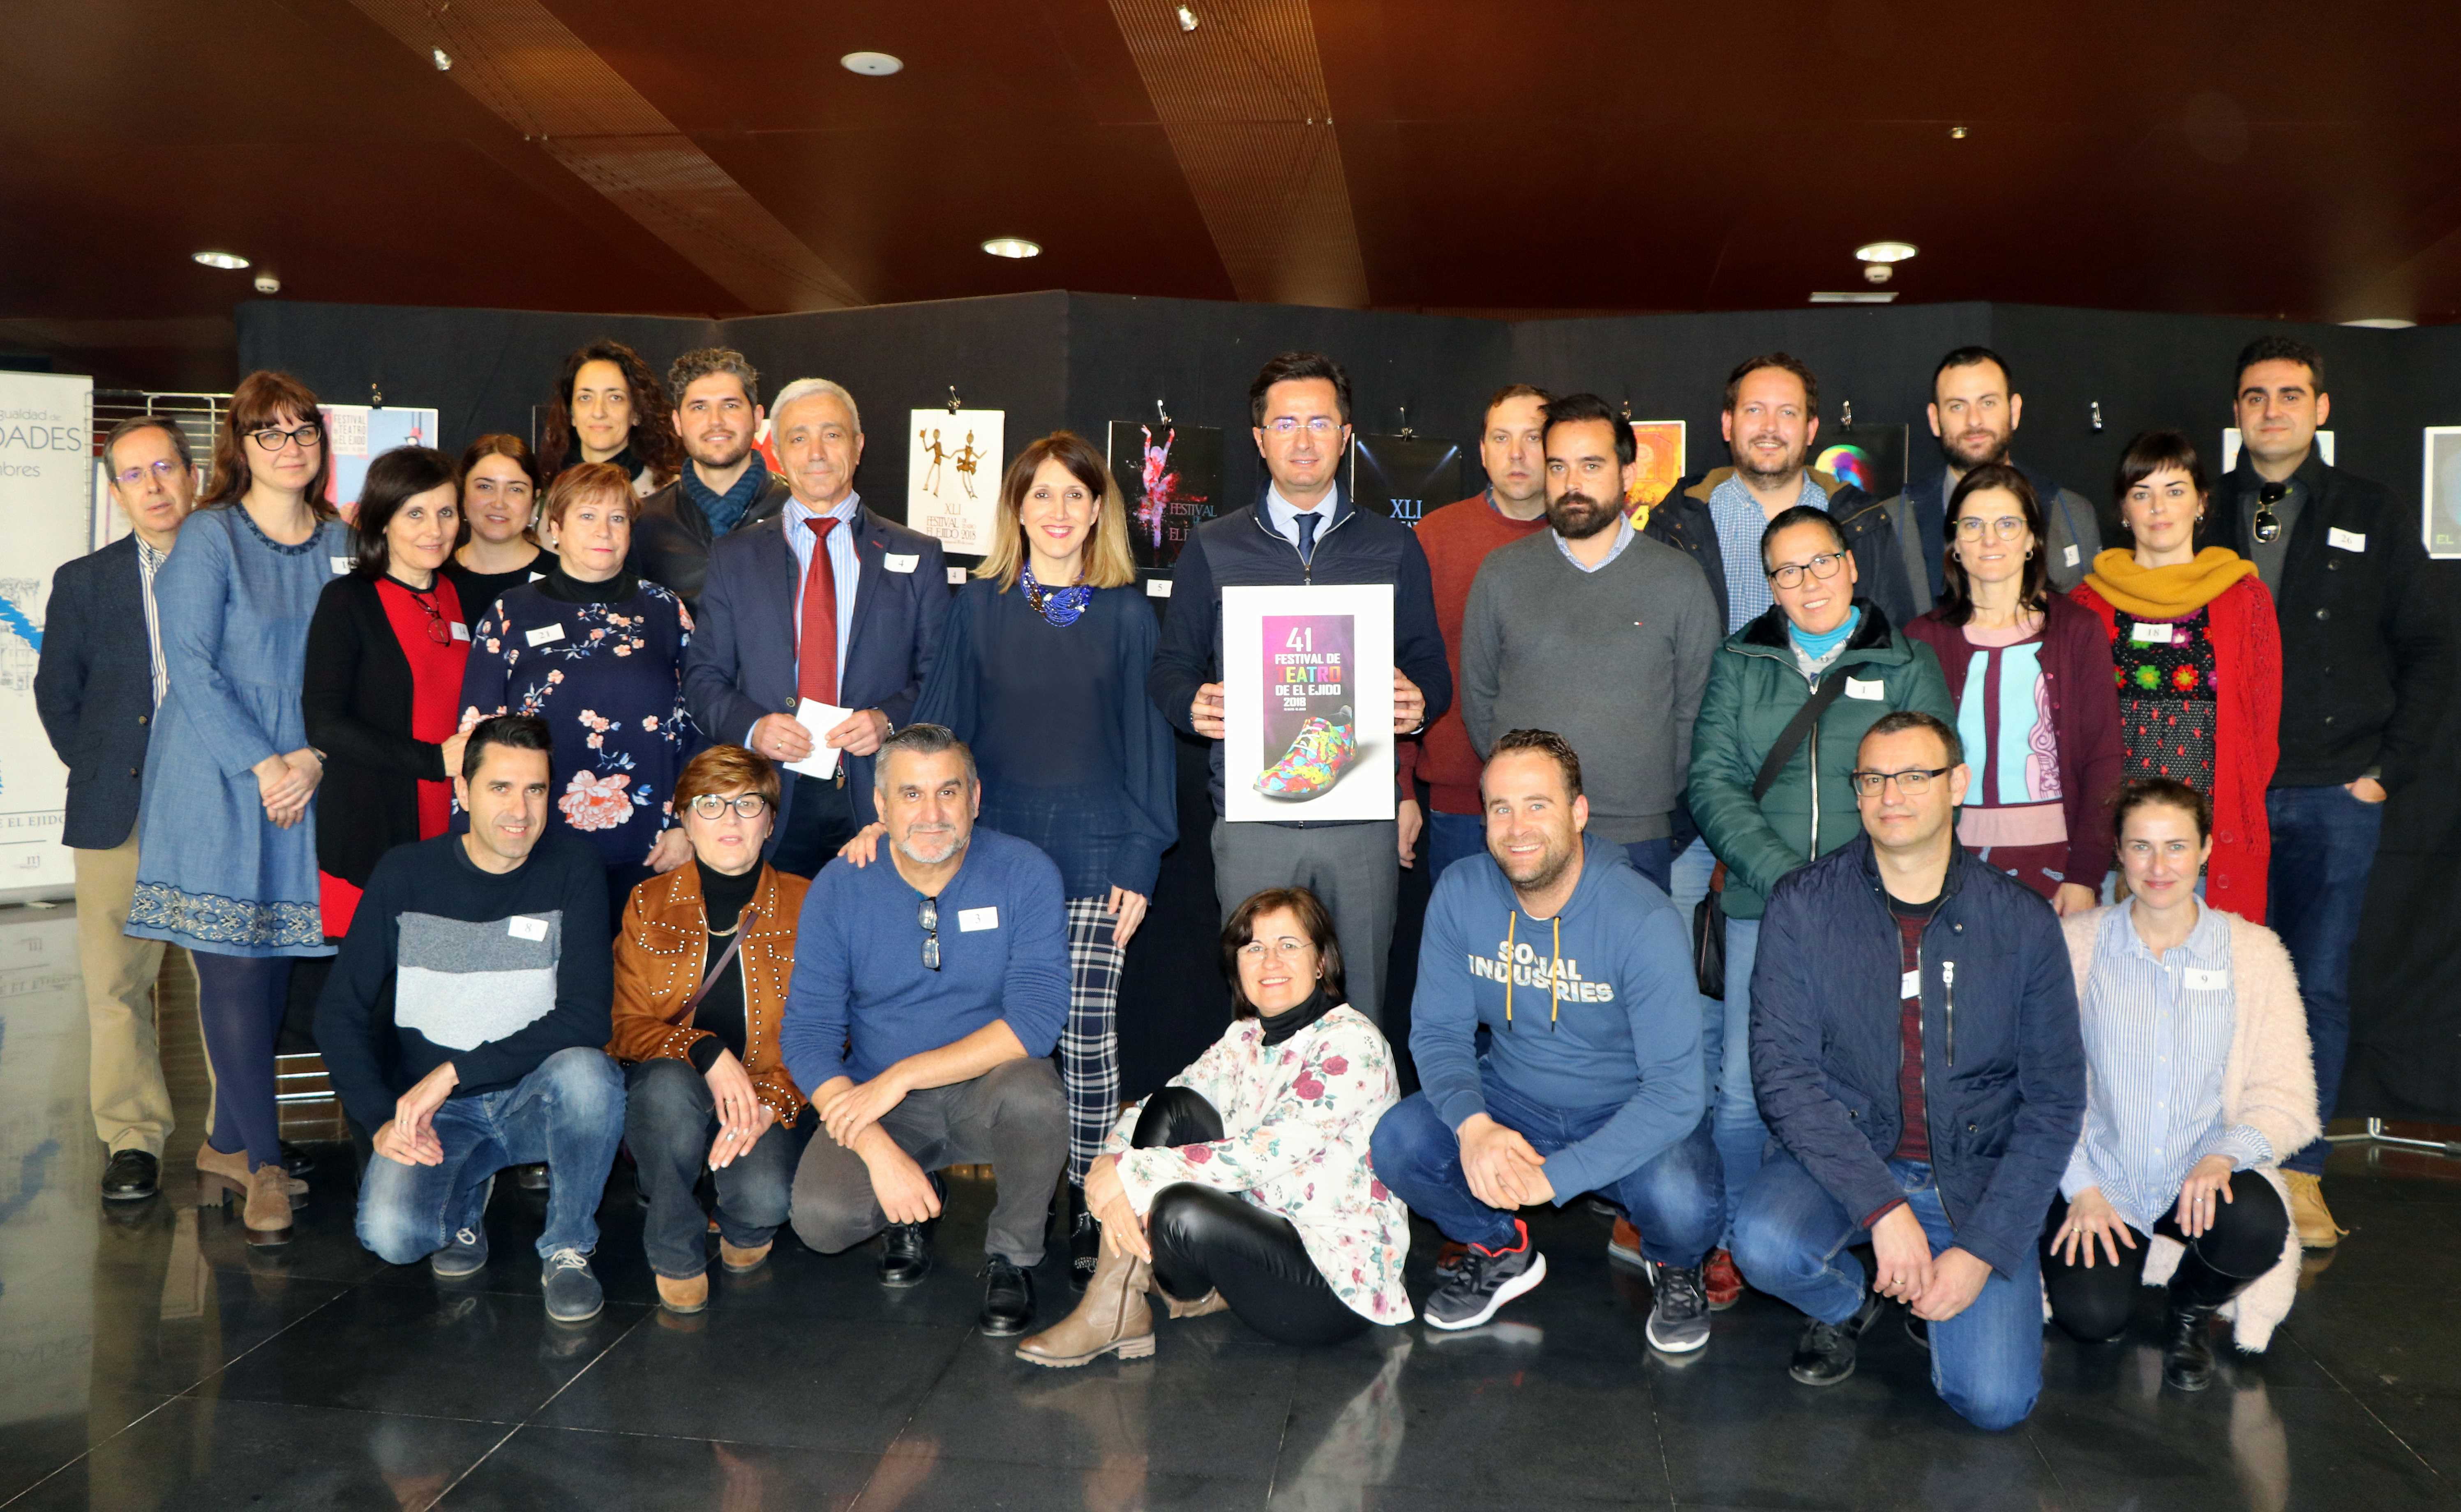 Cultura avanza las Bases para el concurso del diseño del cartel que publicitará la imagen de la 43 edición del Festival de Teatro